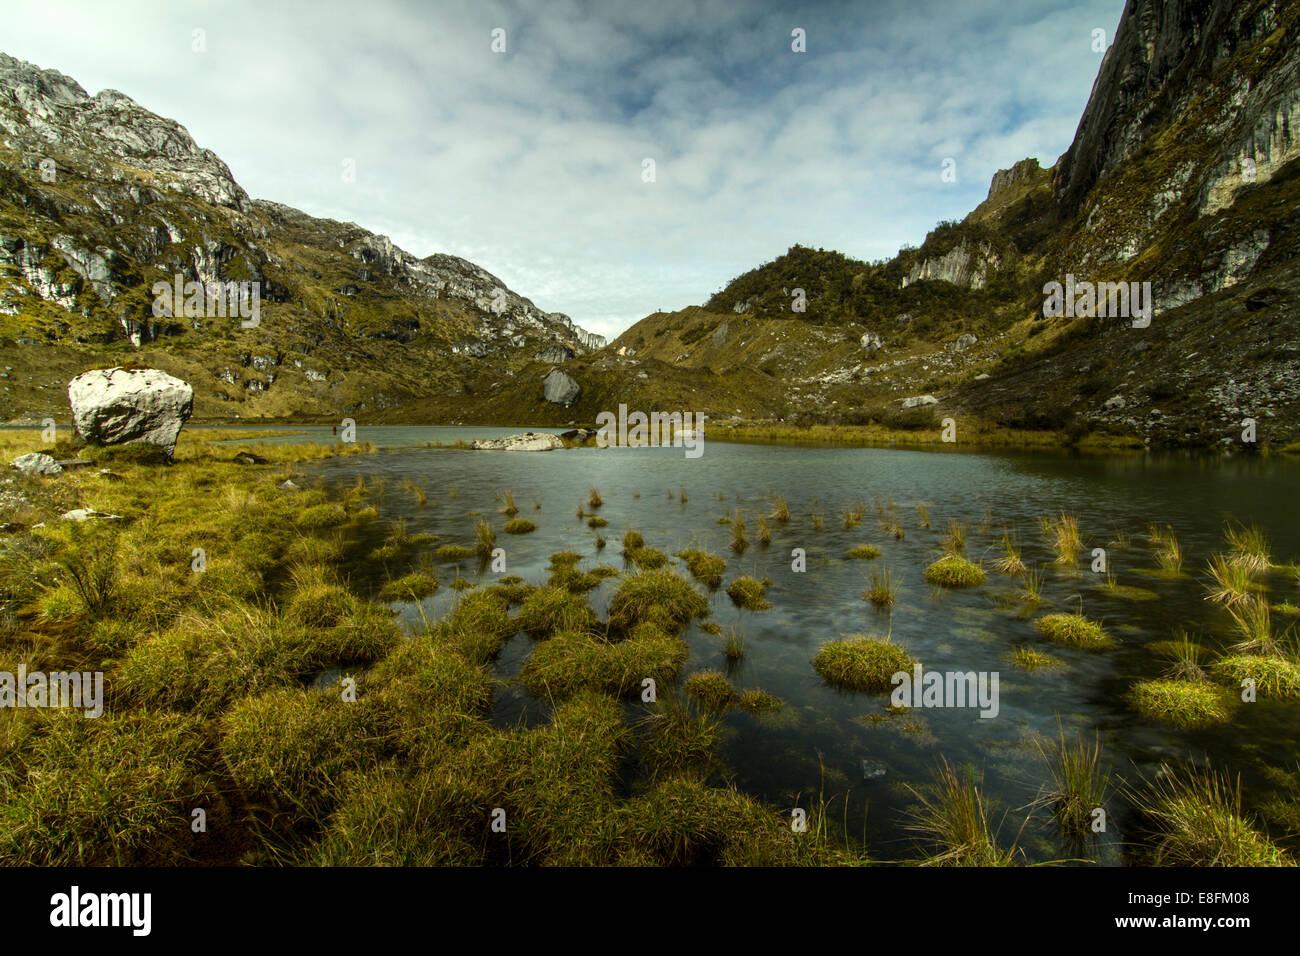 Indonesia, Papua, Jayawijaya, Maren Middle Lake of Lorents National Conservation Park - Stock Image